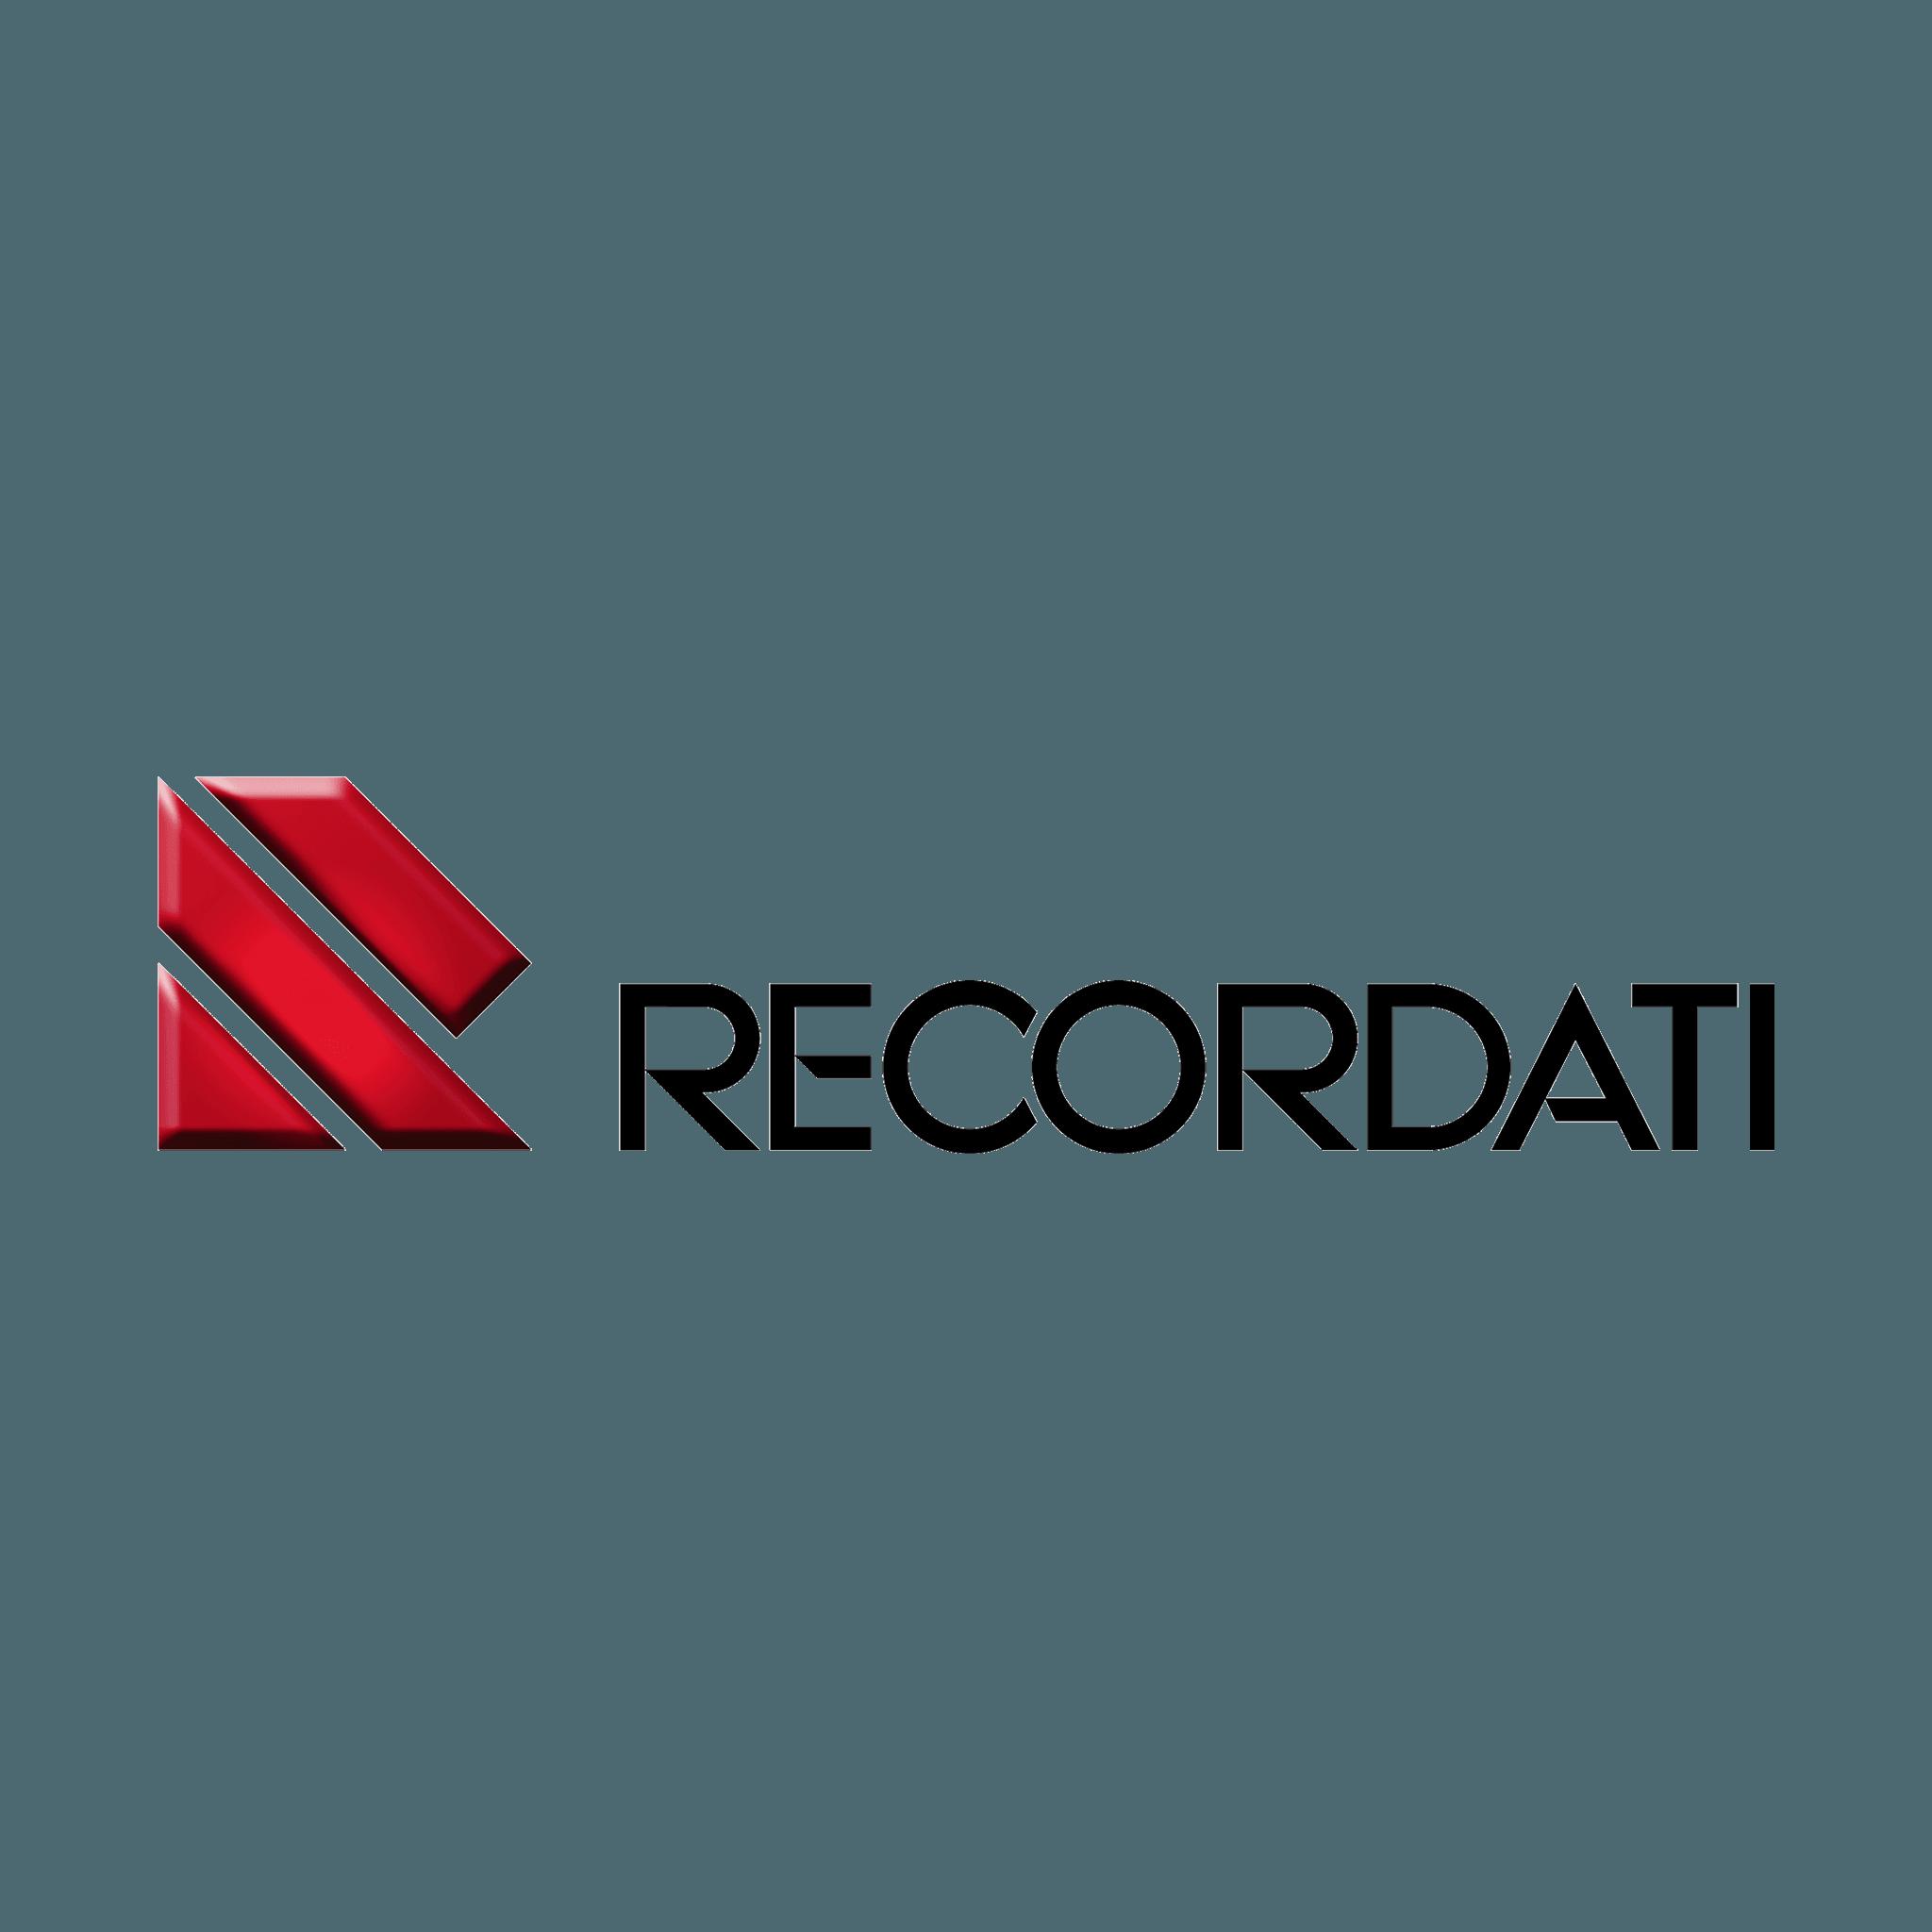 Recordati Logo